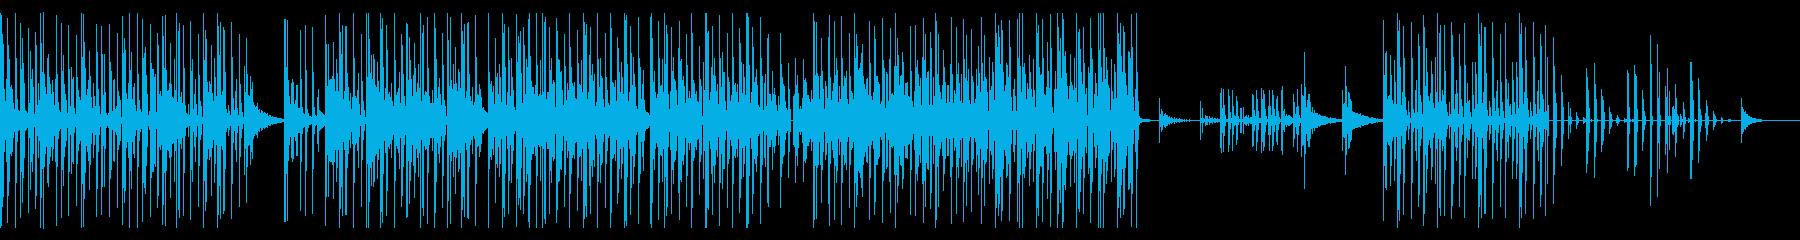 近未来的でクールなシンセとビートの再生済みの波形